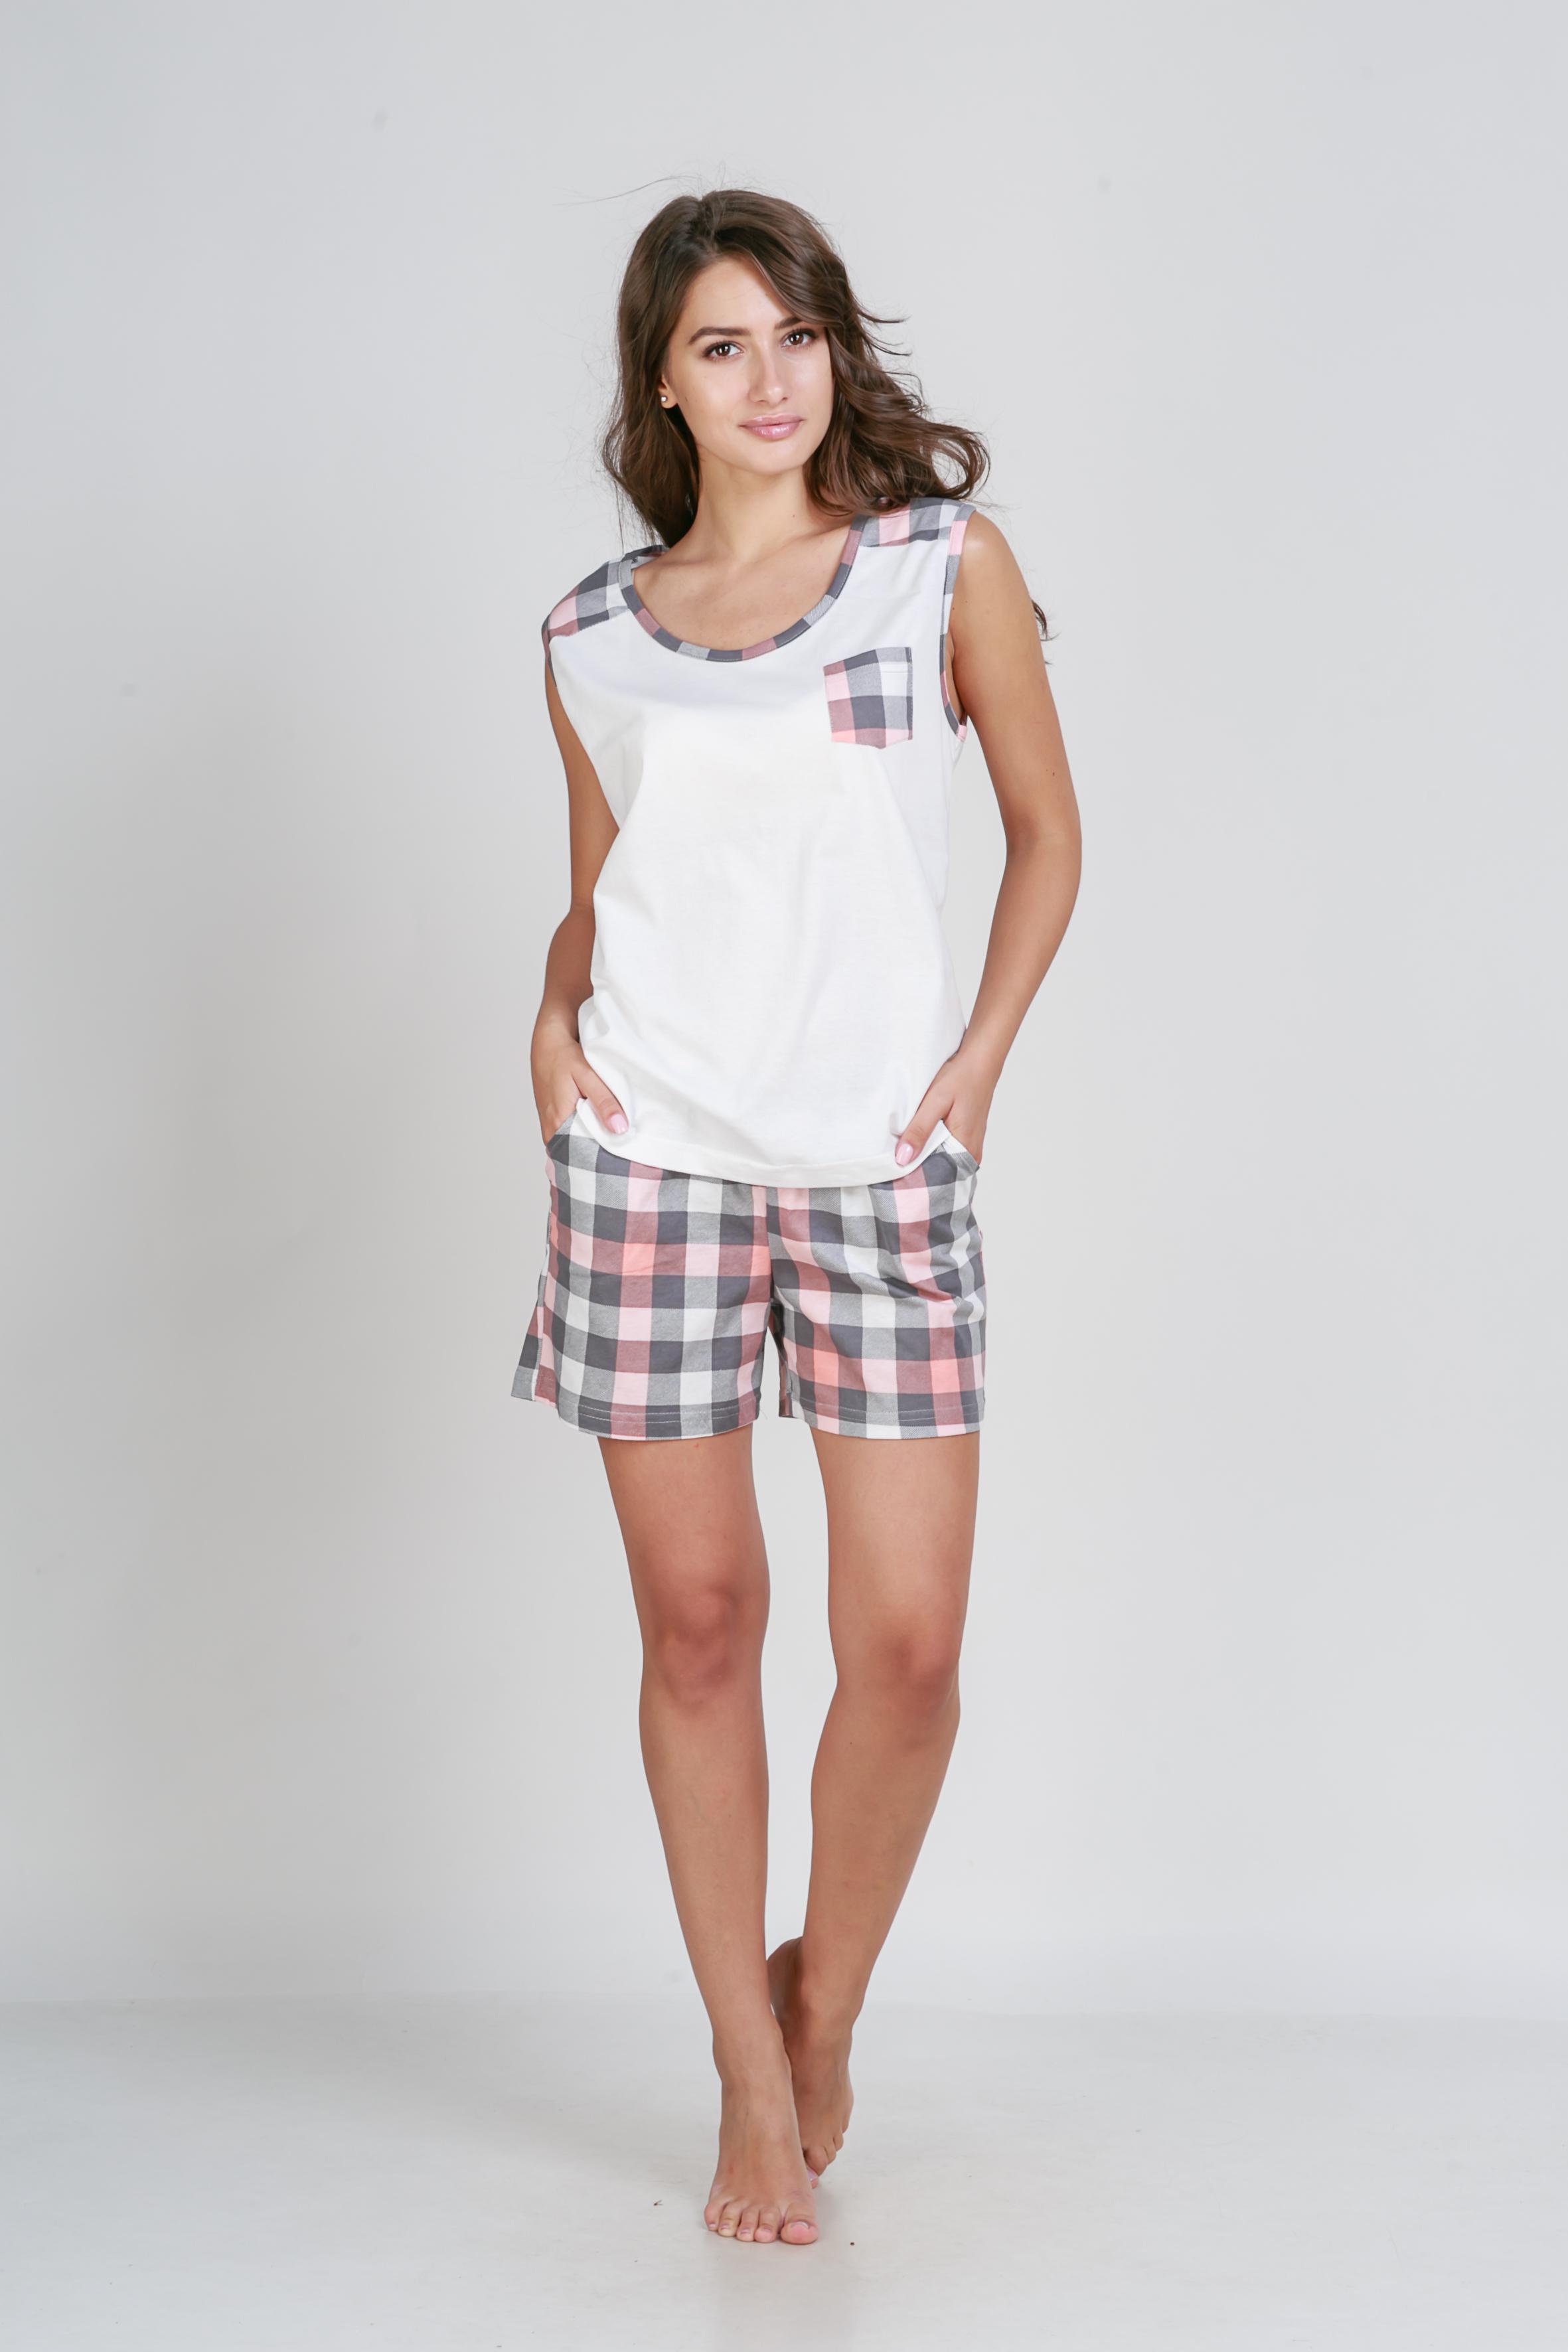 Пижамы Pastilla Пижама Сорренто Цвет: Коралловый (L-xL) пижама жен mia cara майка шорты botanical aw15 ubl lst 264 р 42 44 1119503